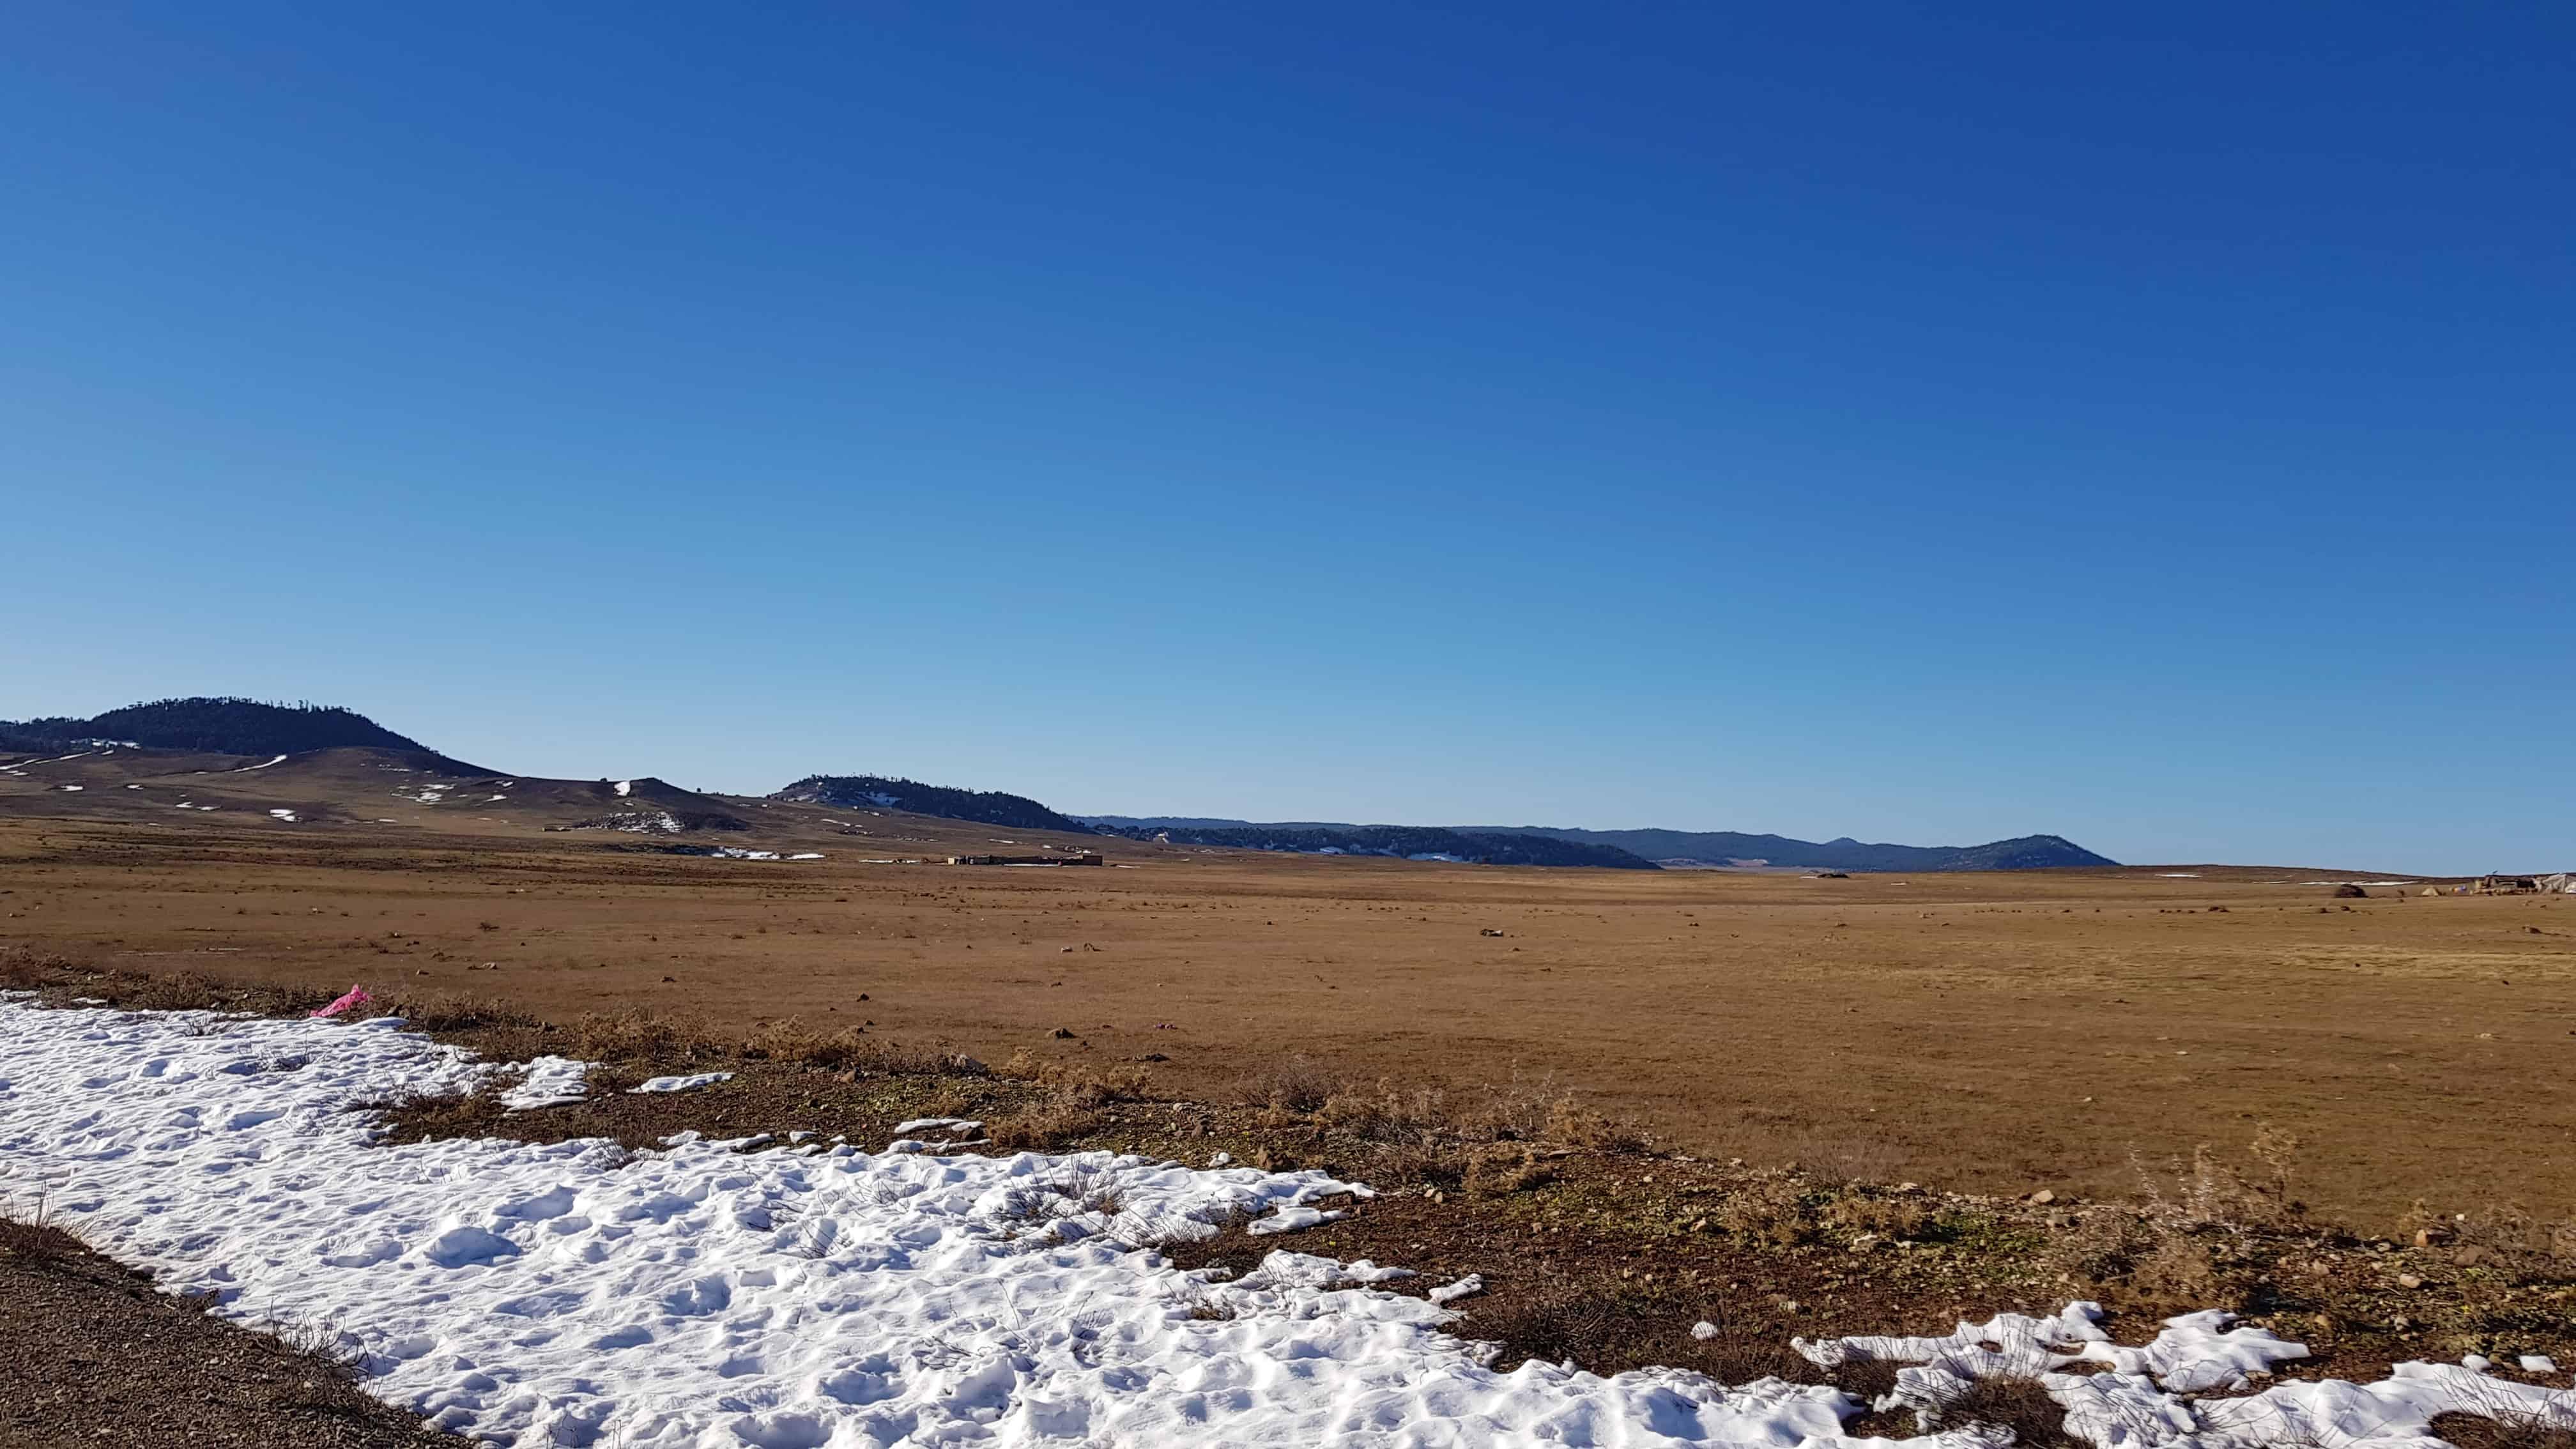 Azrou to Ziz Gorge: Snowy scenery